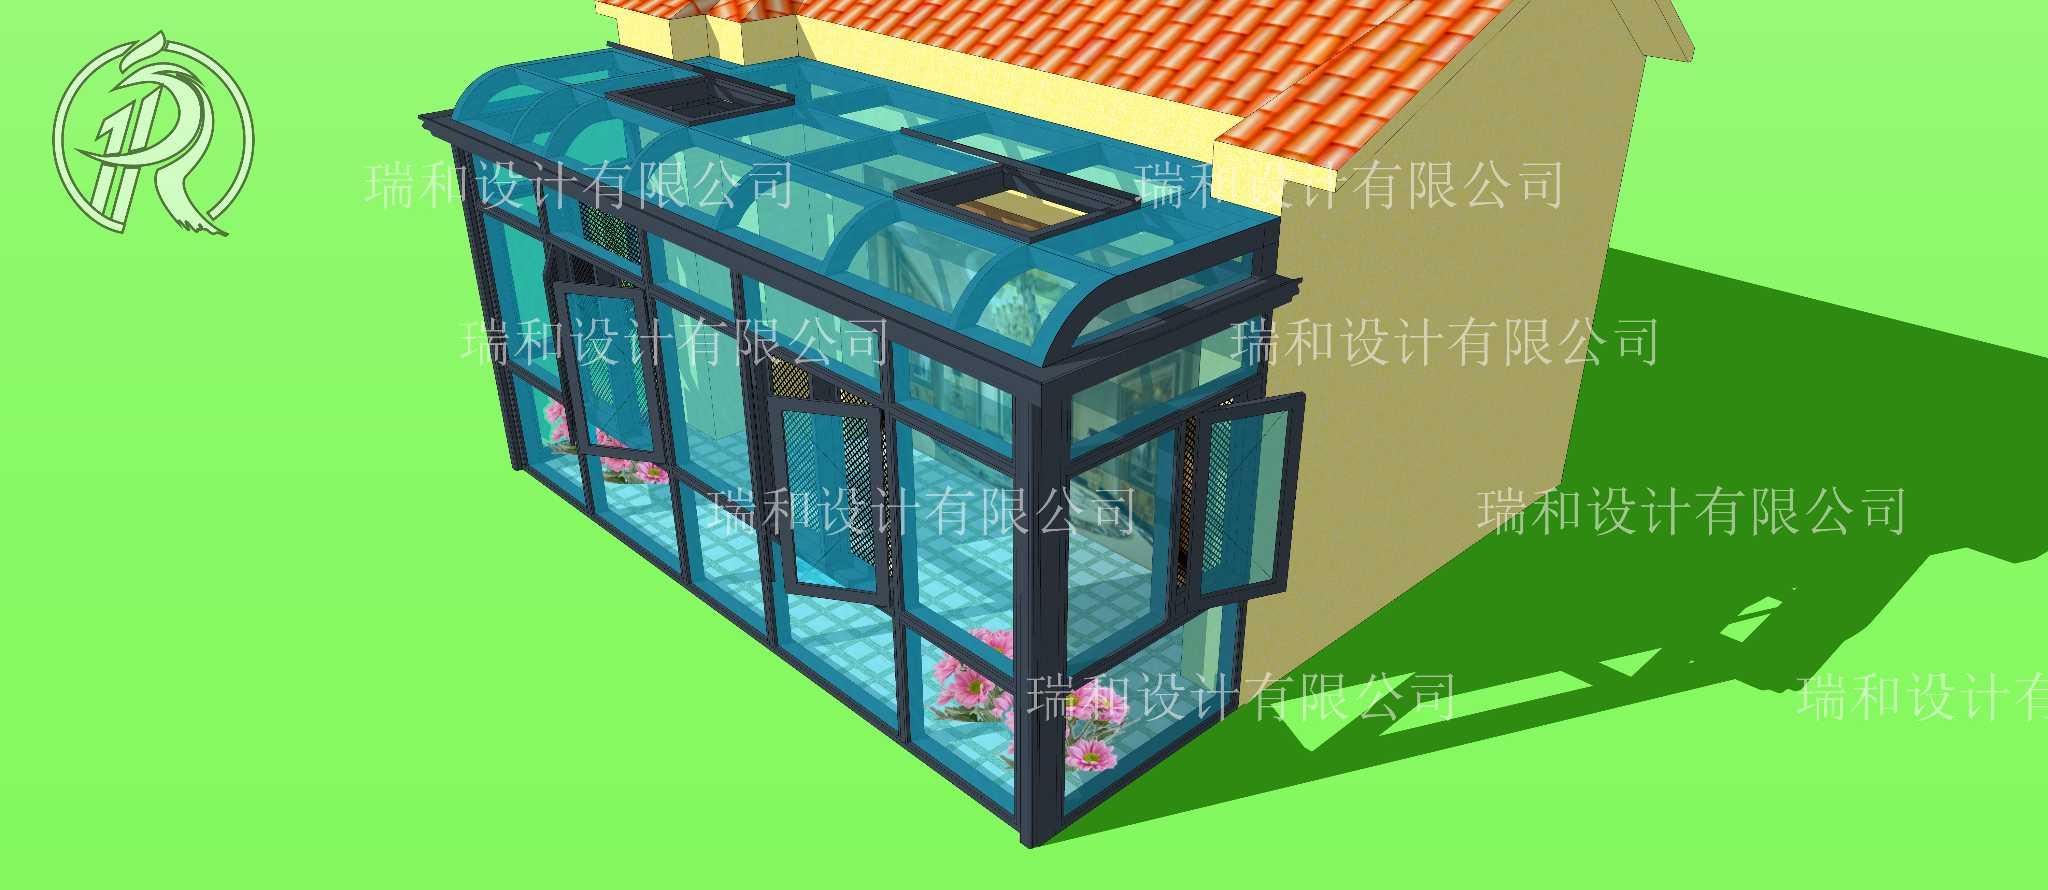 来自旷东海发布的供应信息:专业绘制铝合金平开门、推拉门、推拉窗、平... - 瑞和